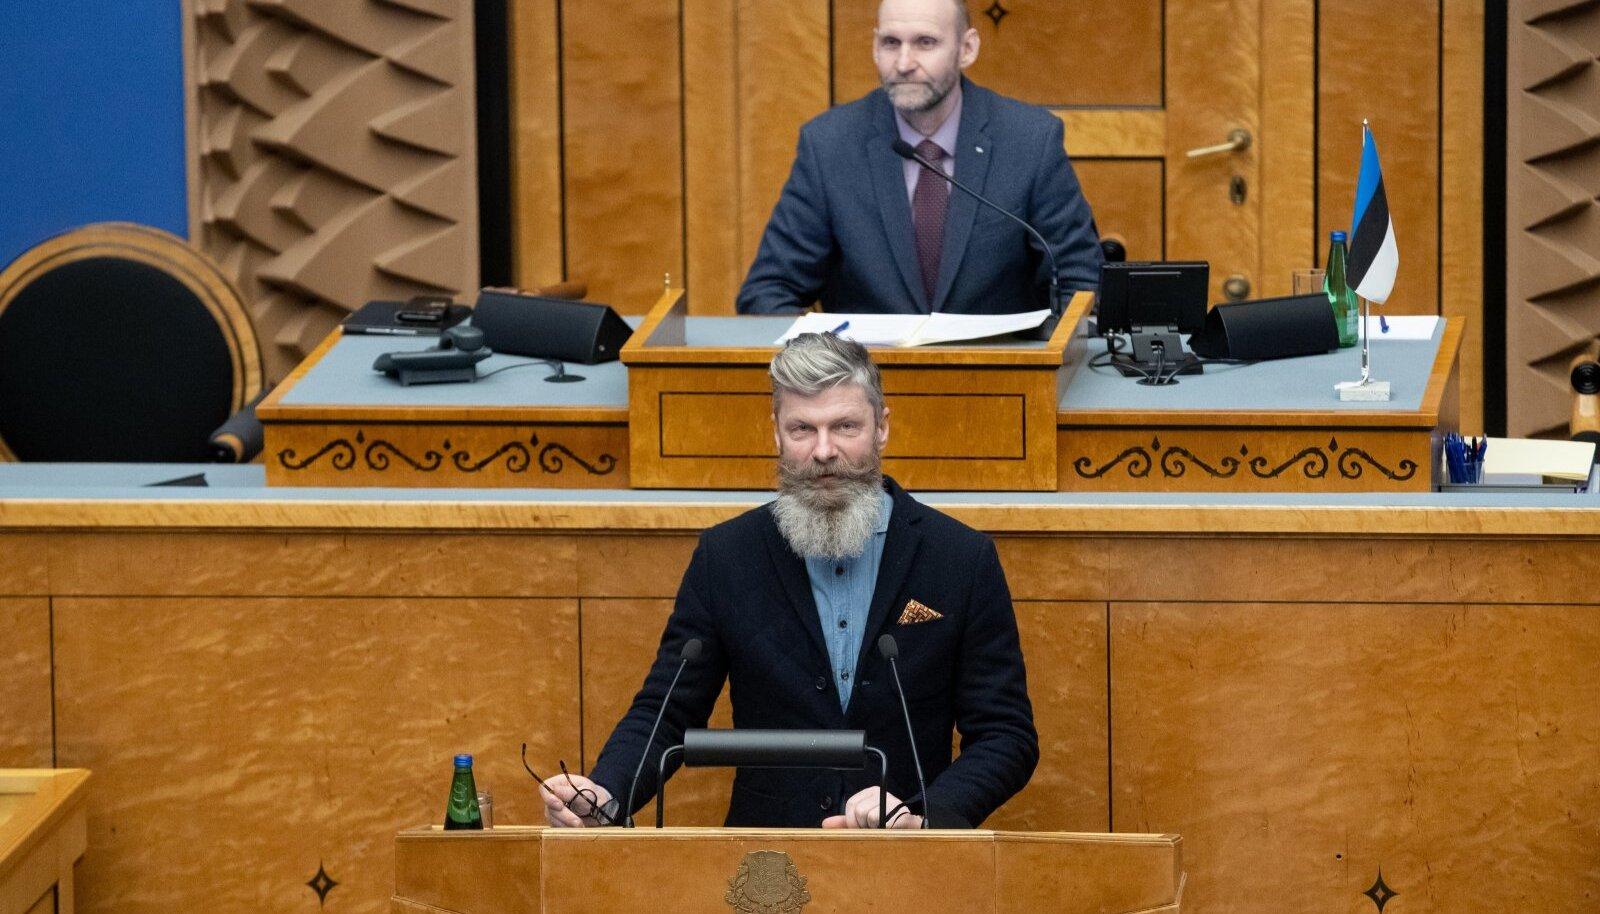 Hiiumaa volikogu esimees Aivar Viidik täidab aasta algusest ka riigikogulase kohustusi, kus ta asendab kaitseministriks saanud Kalle Laanetit.